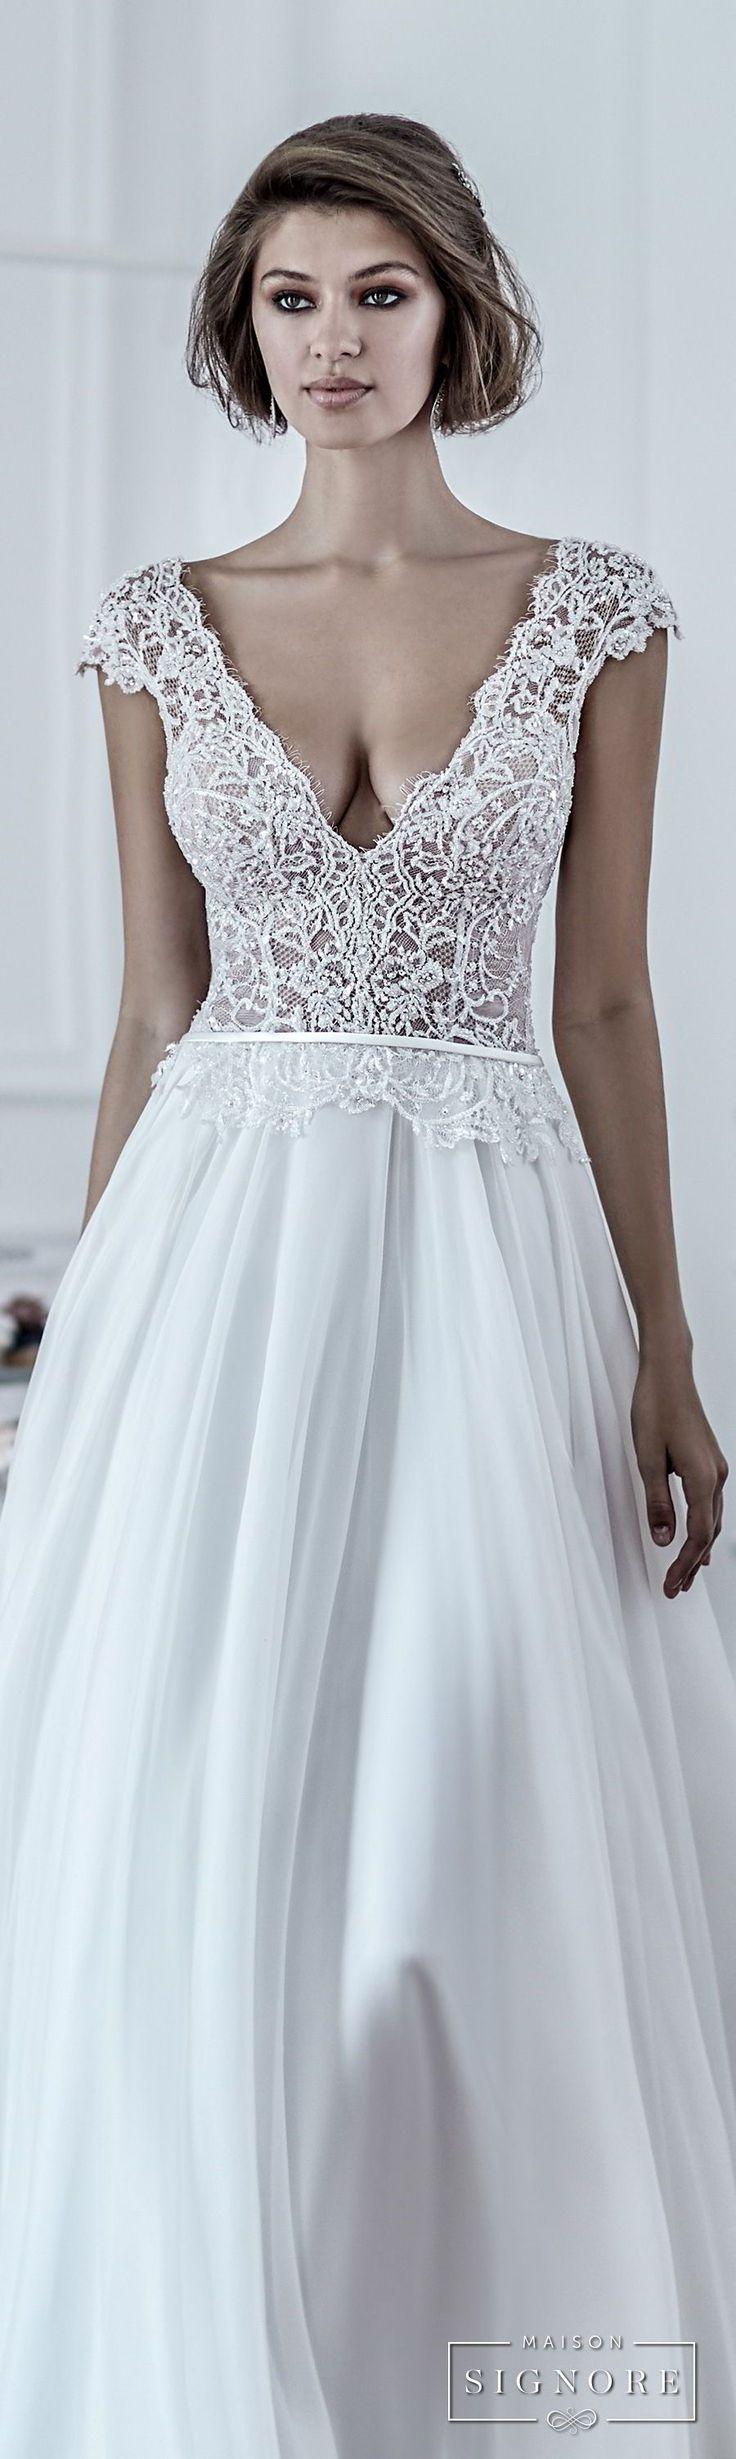 44 mejores imágenes de emberoidery en Pinterest | Vestidos de novia ...